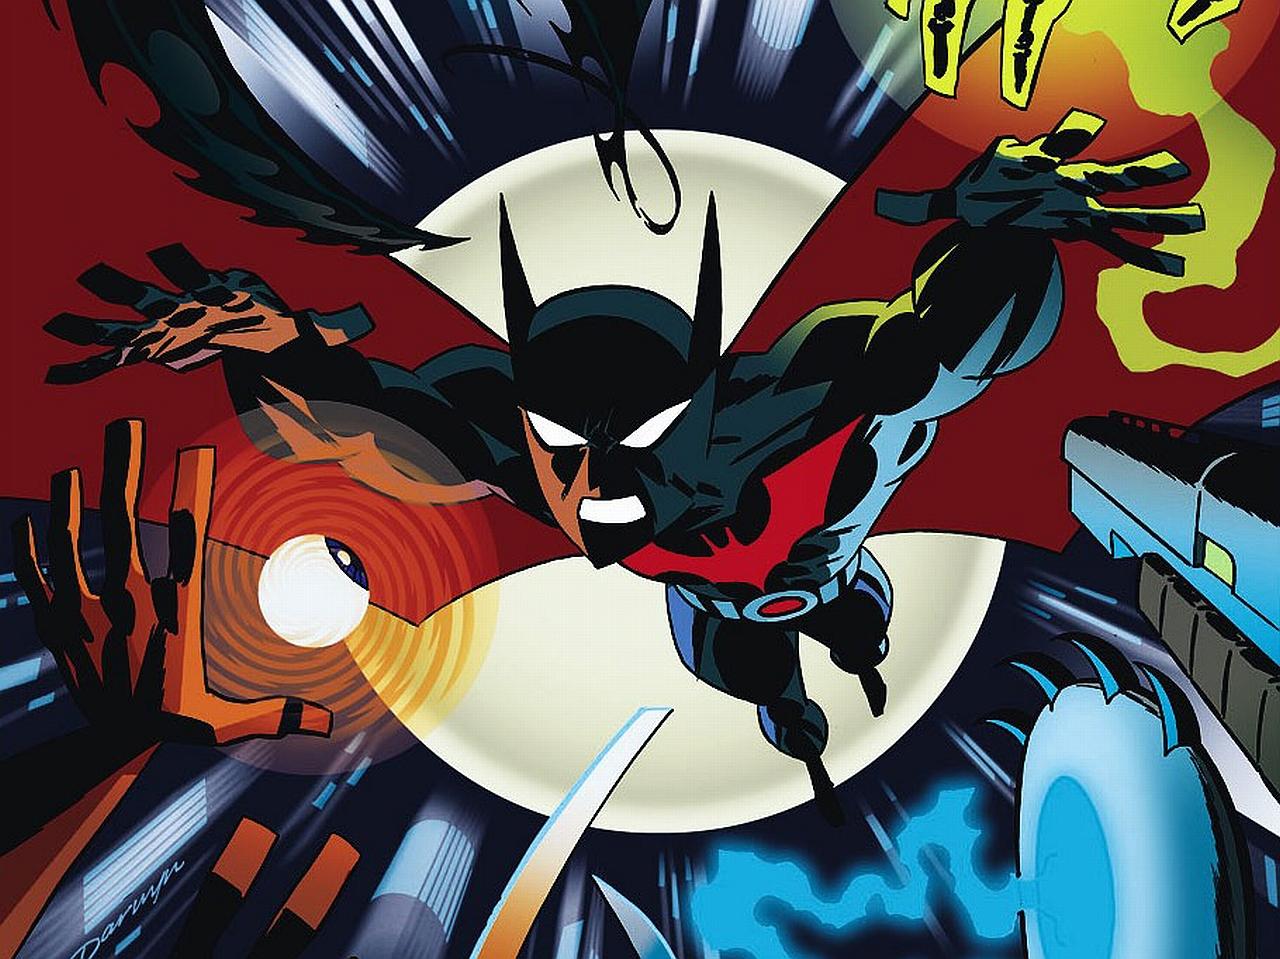 Chibi-batman-beyond windows mode.